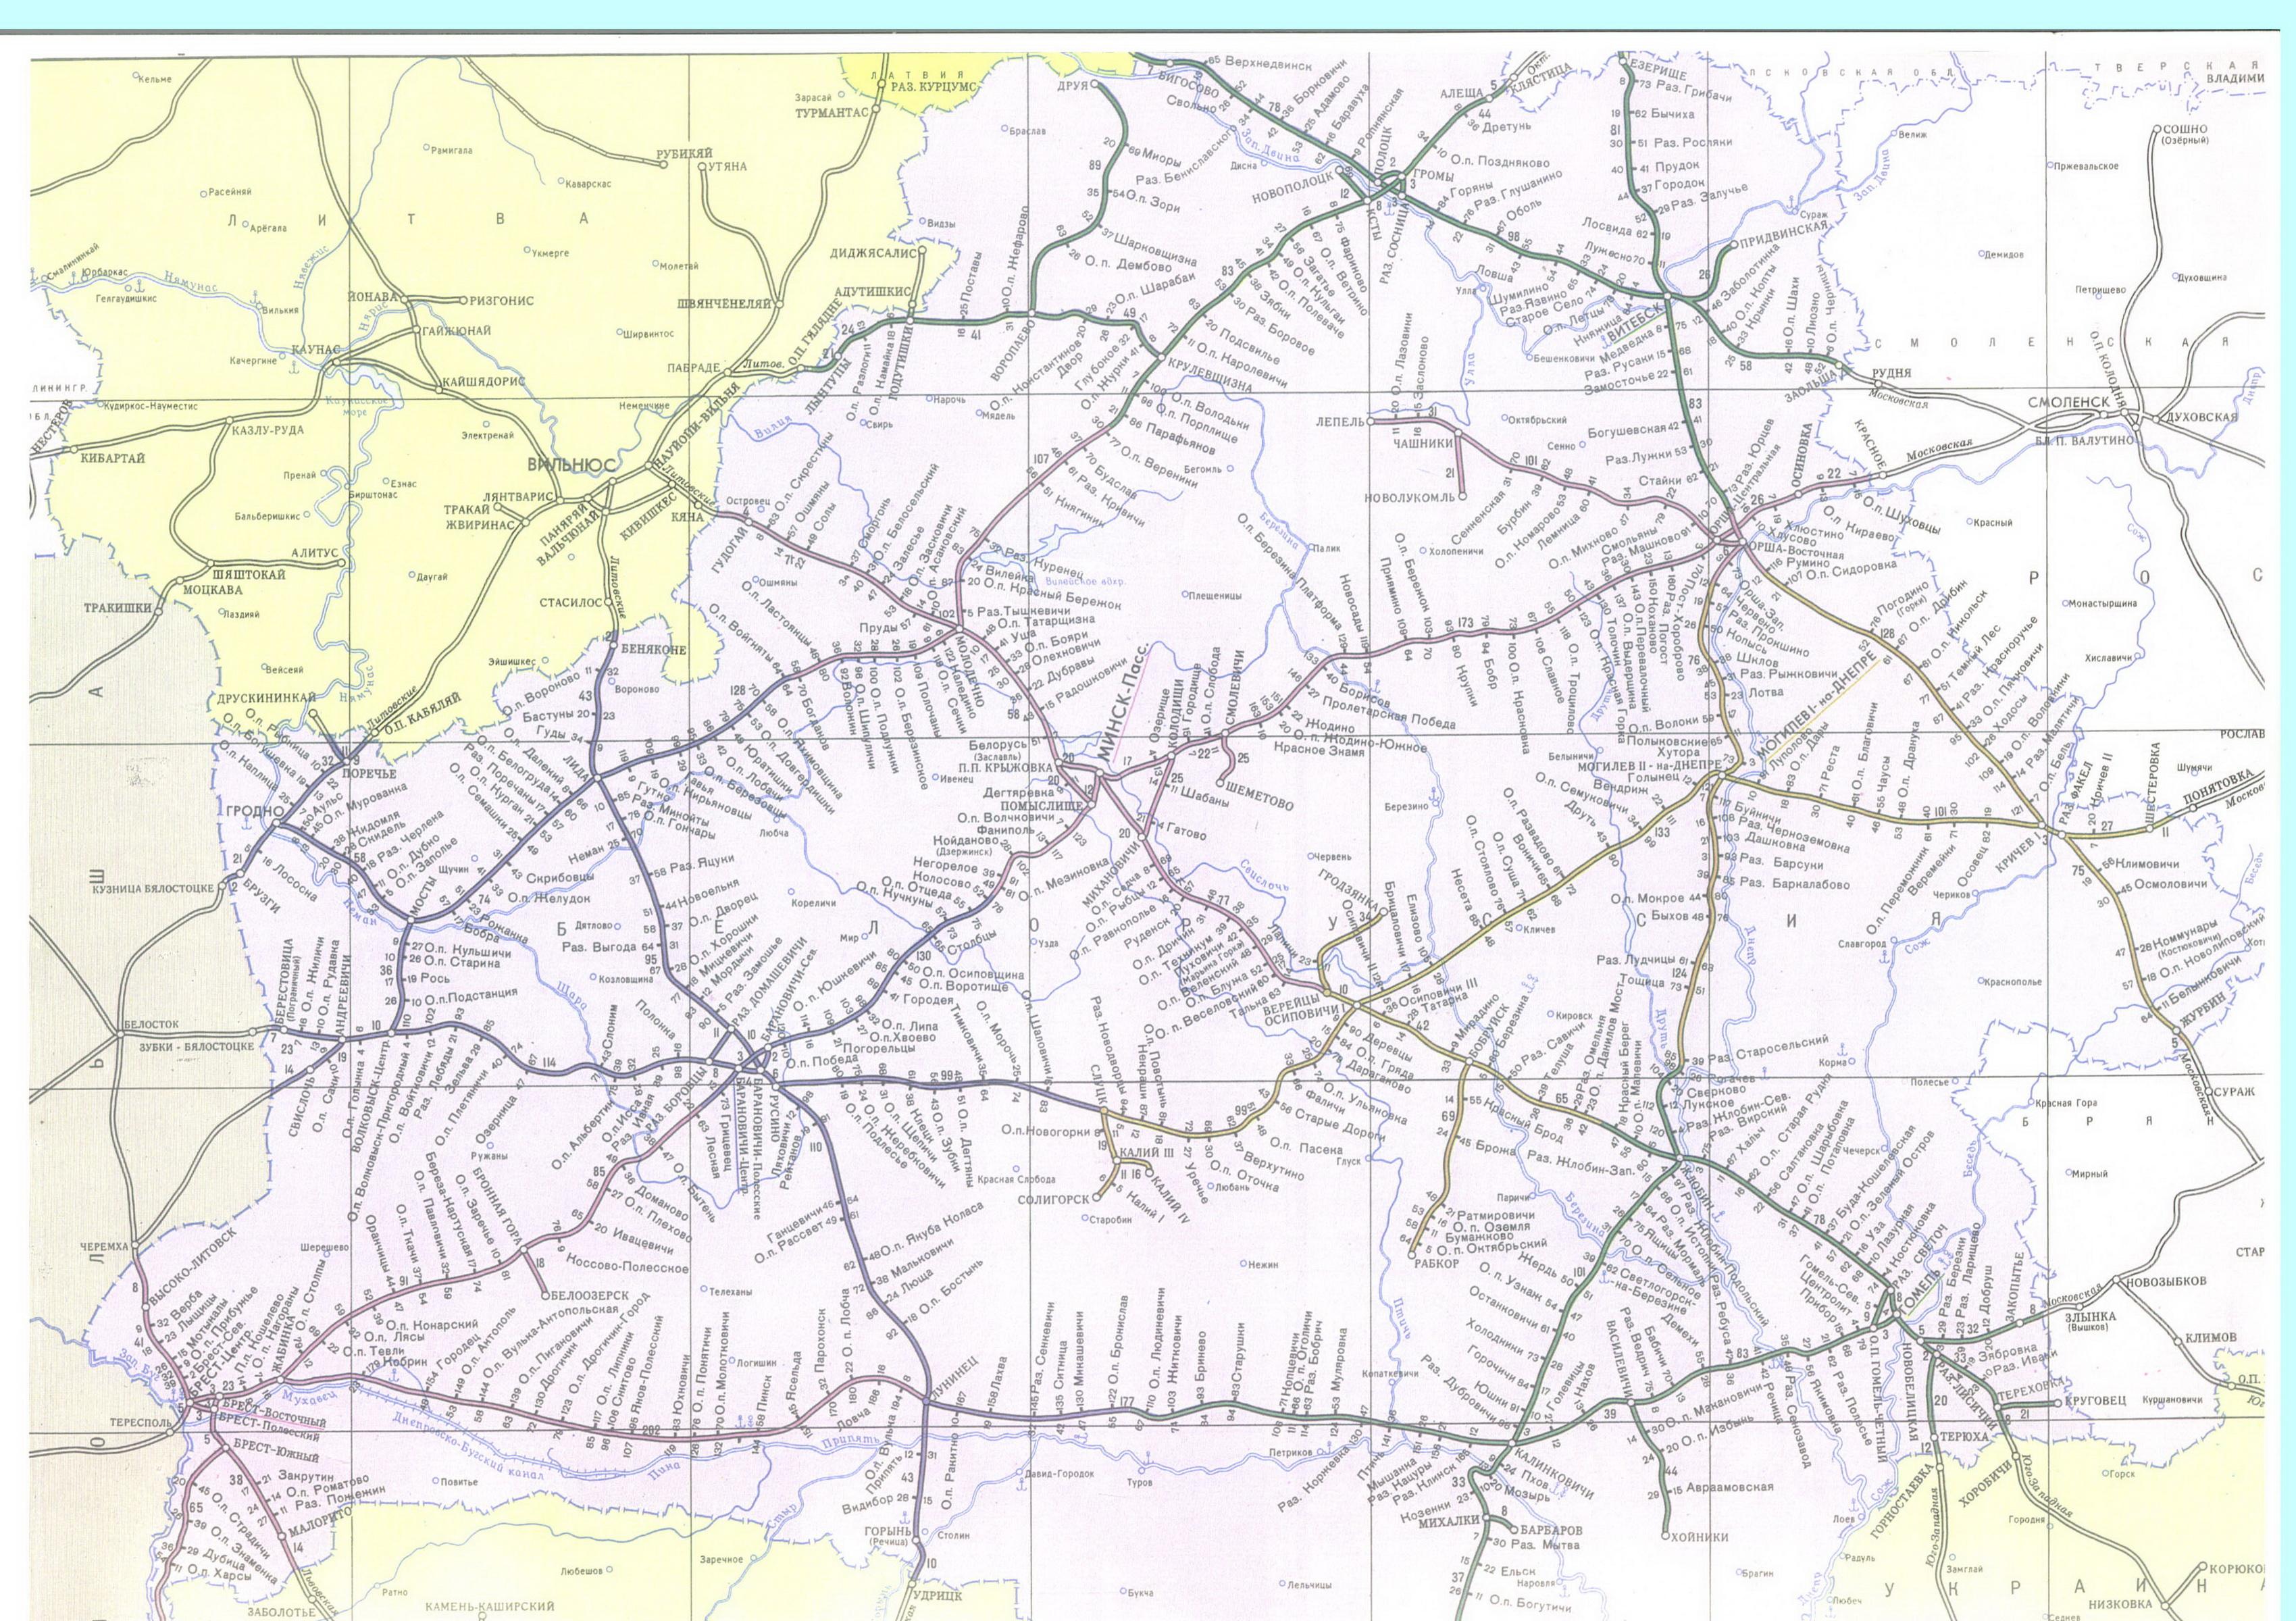 Белорусская железная дорога схема фото 387